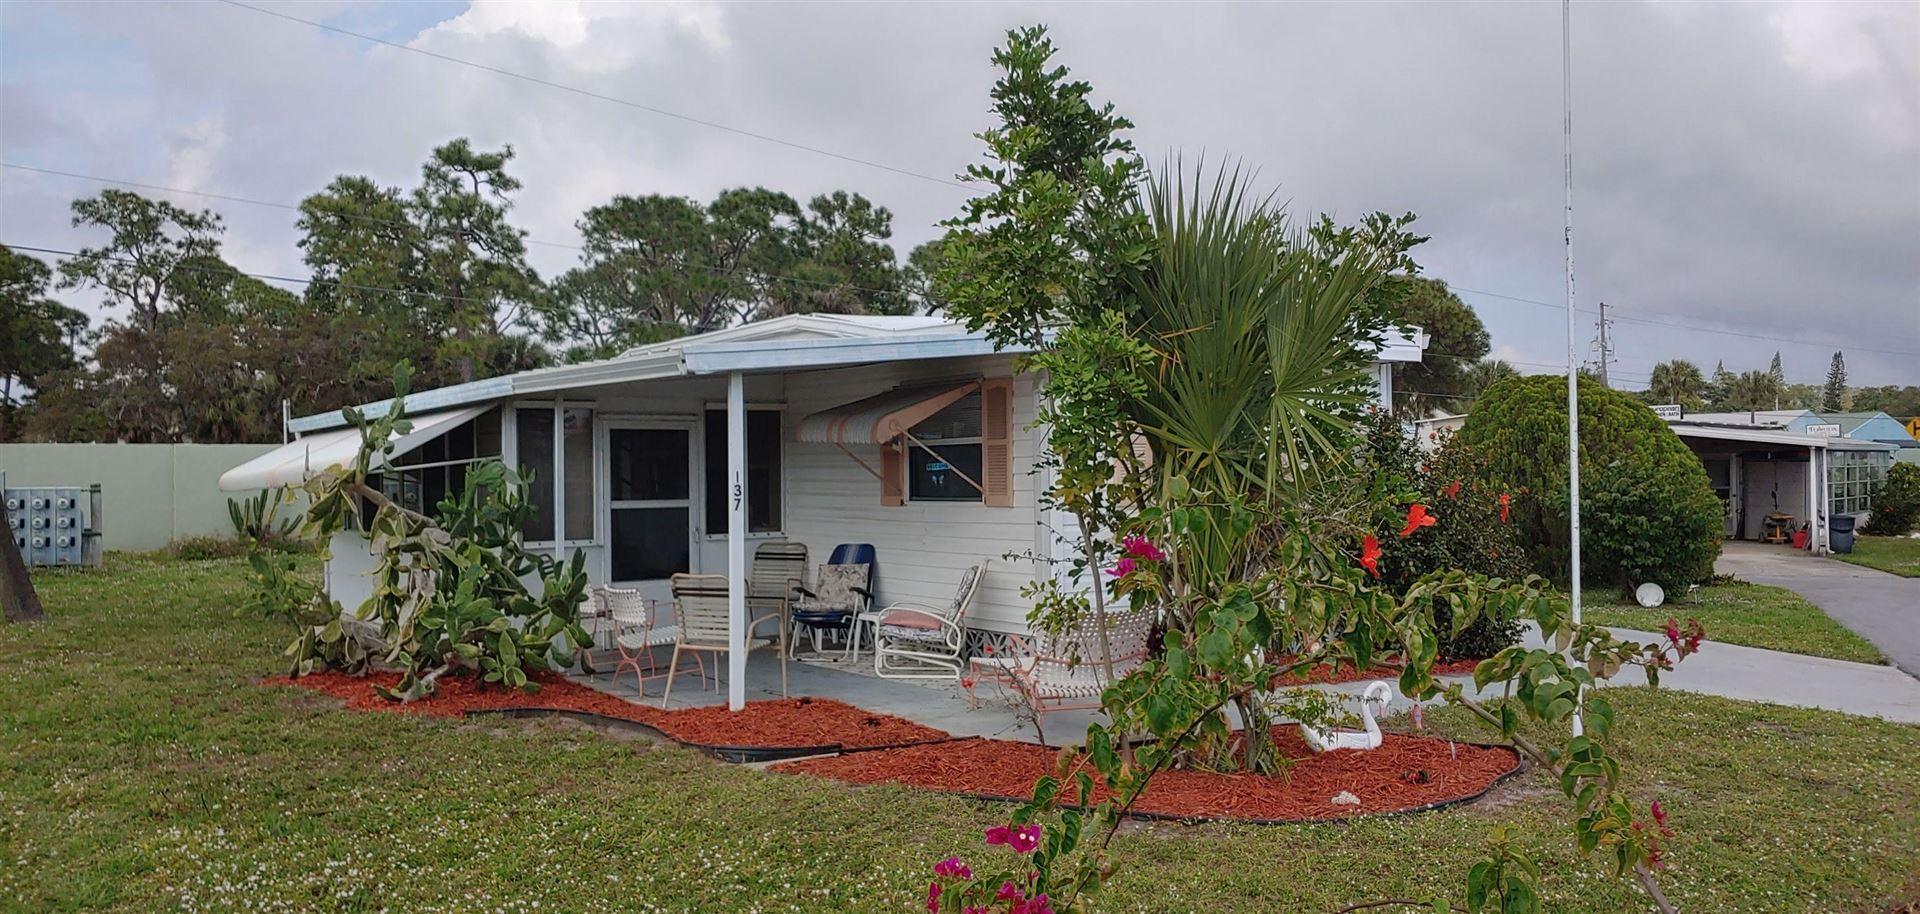 137 SE Tudor Court SE, Stuart, FL 34994 - #: RX-10600603